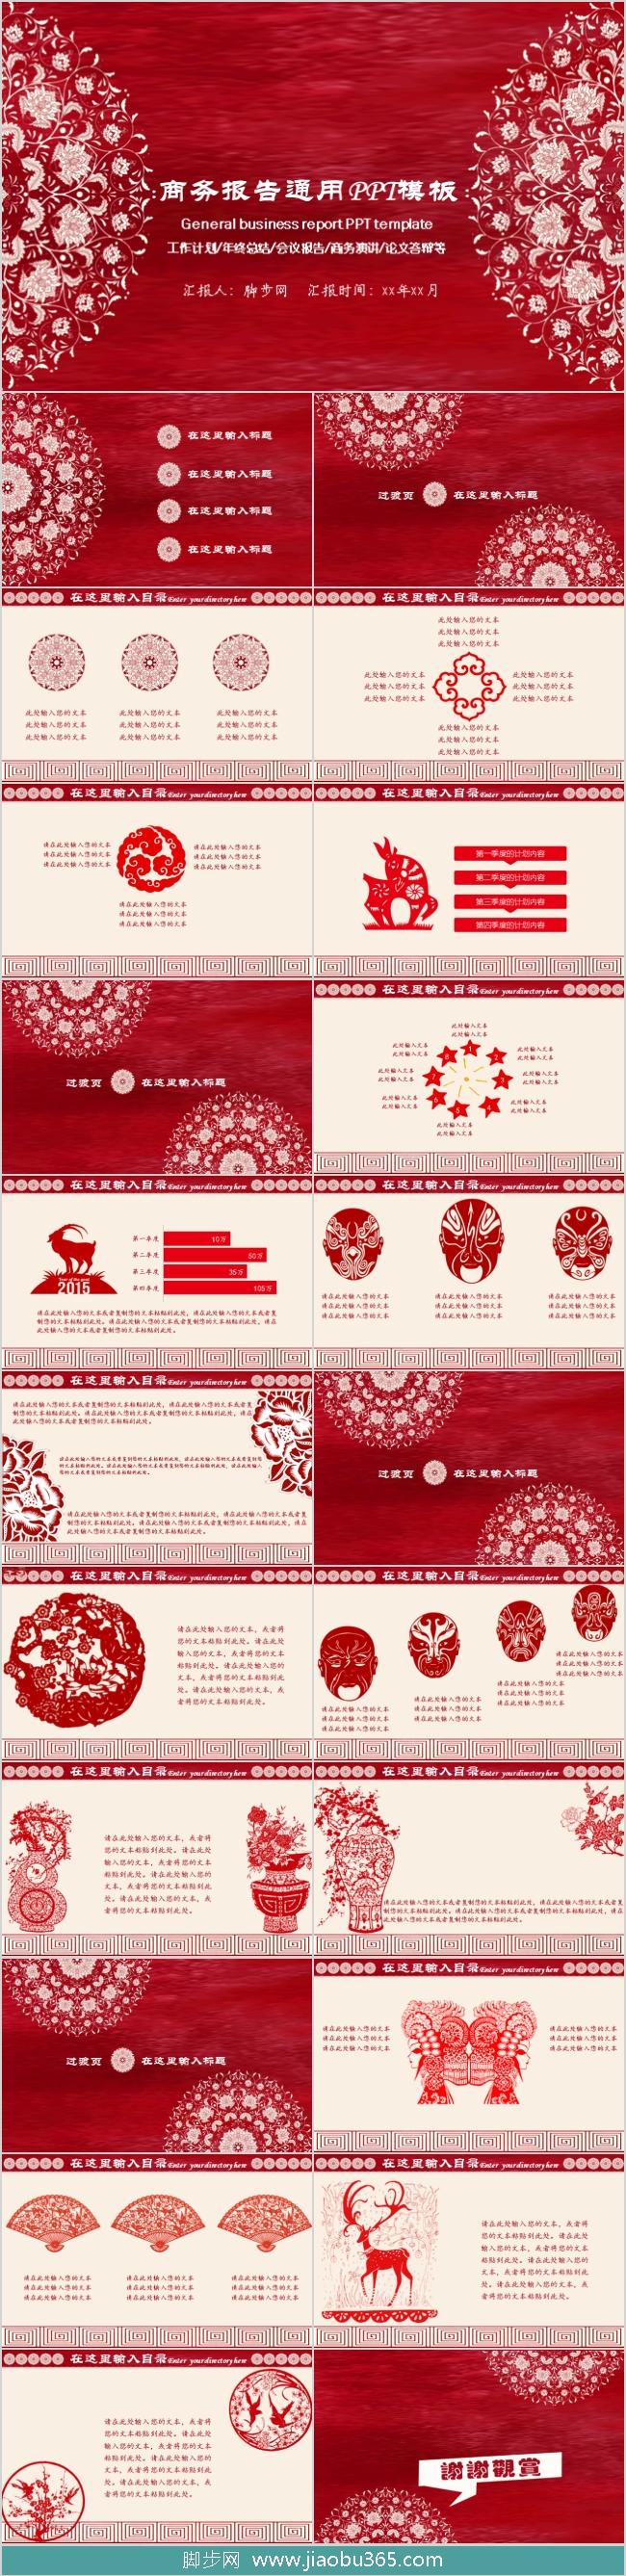 红色商务报告中国风动态PPT模板下载.jpg